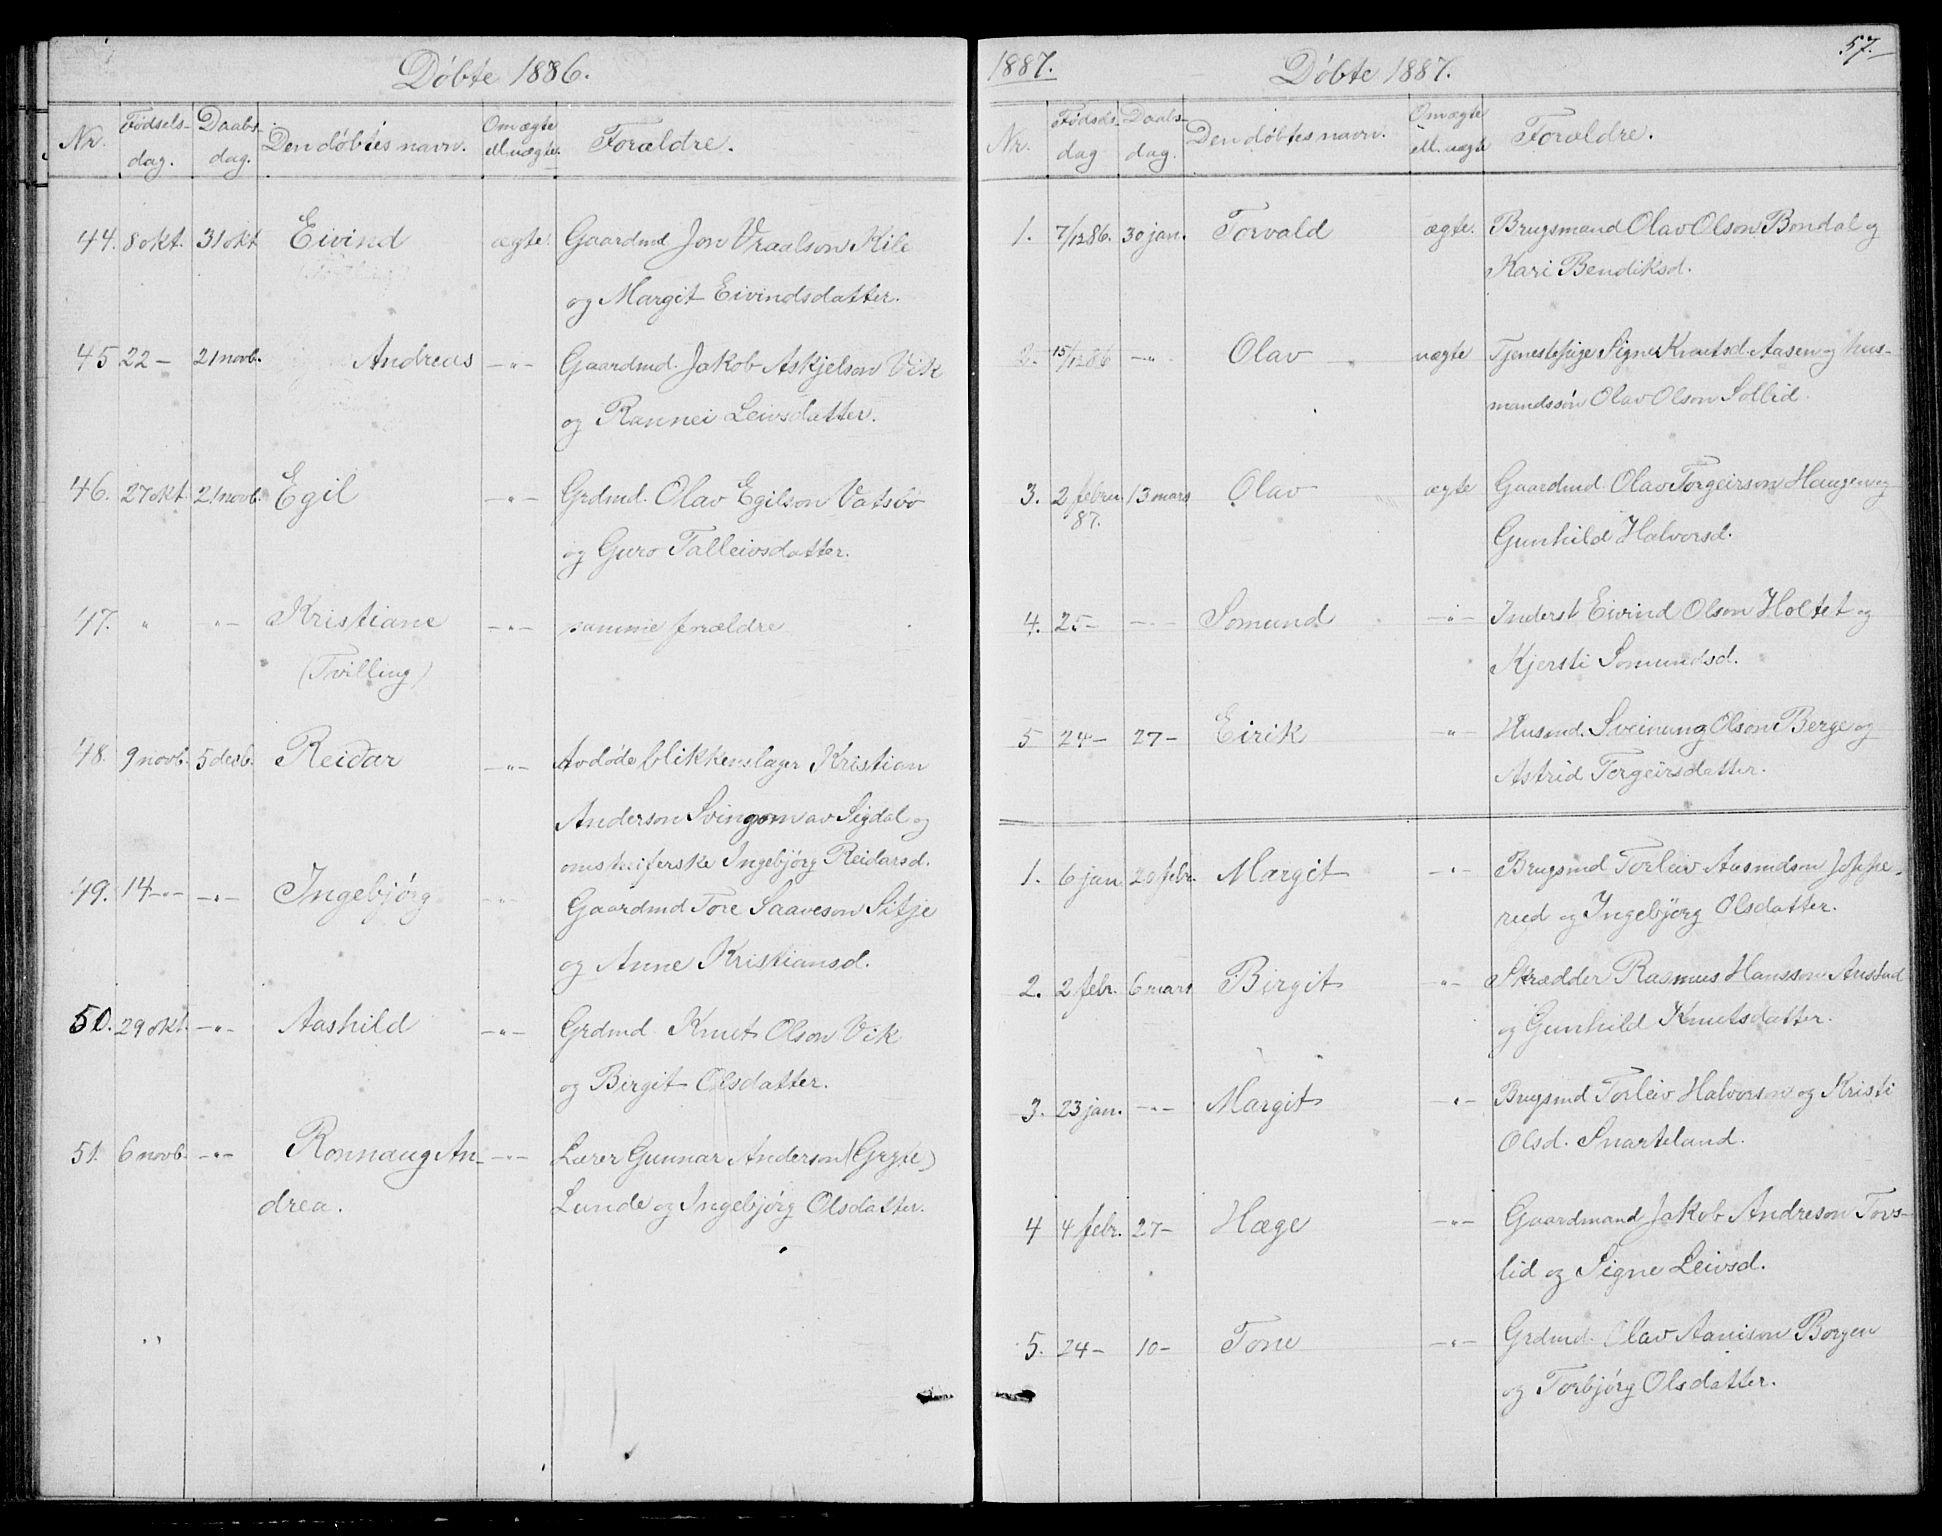 SAKO, Fyresdal kirkebøker, G/Ga/L0004: Klokkerbok nr. I 4, 1864-1892, s. 57